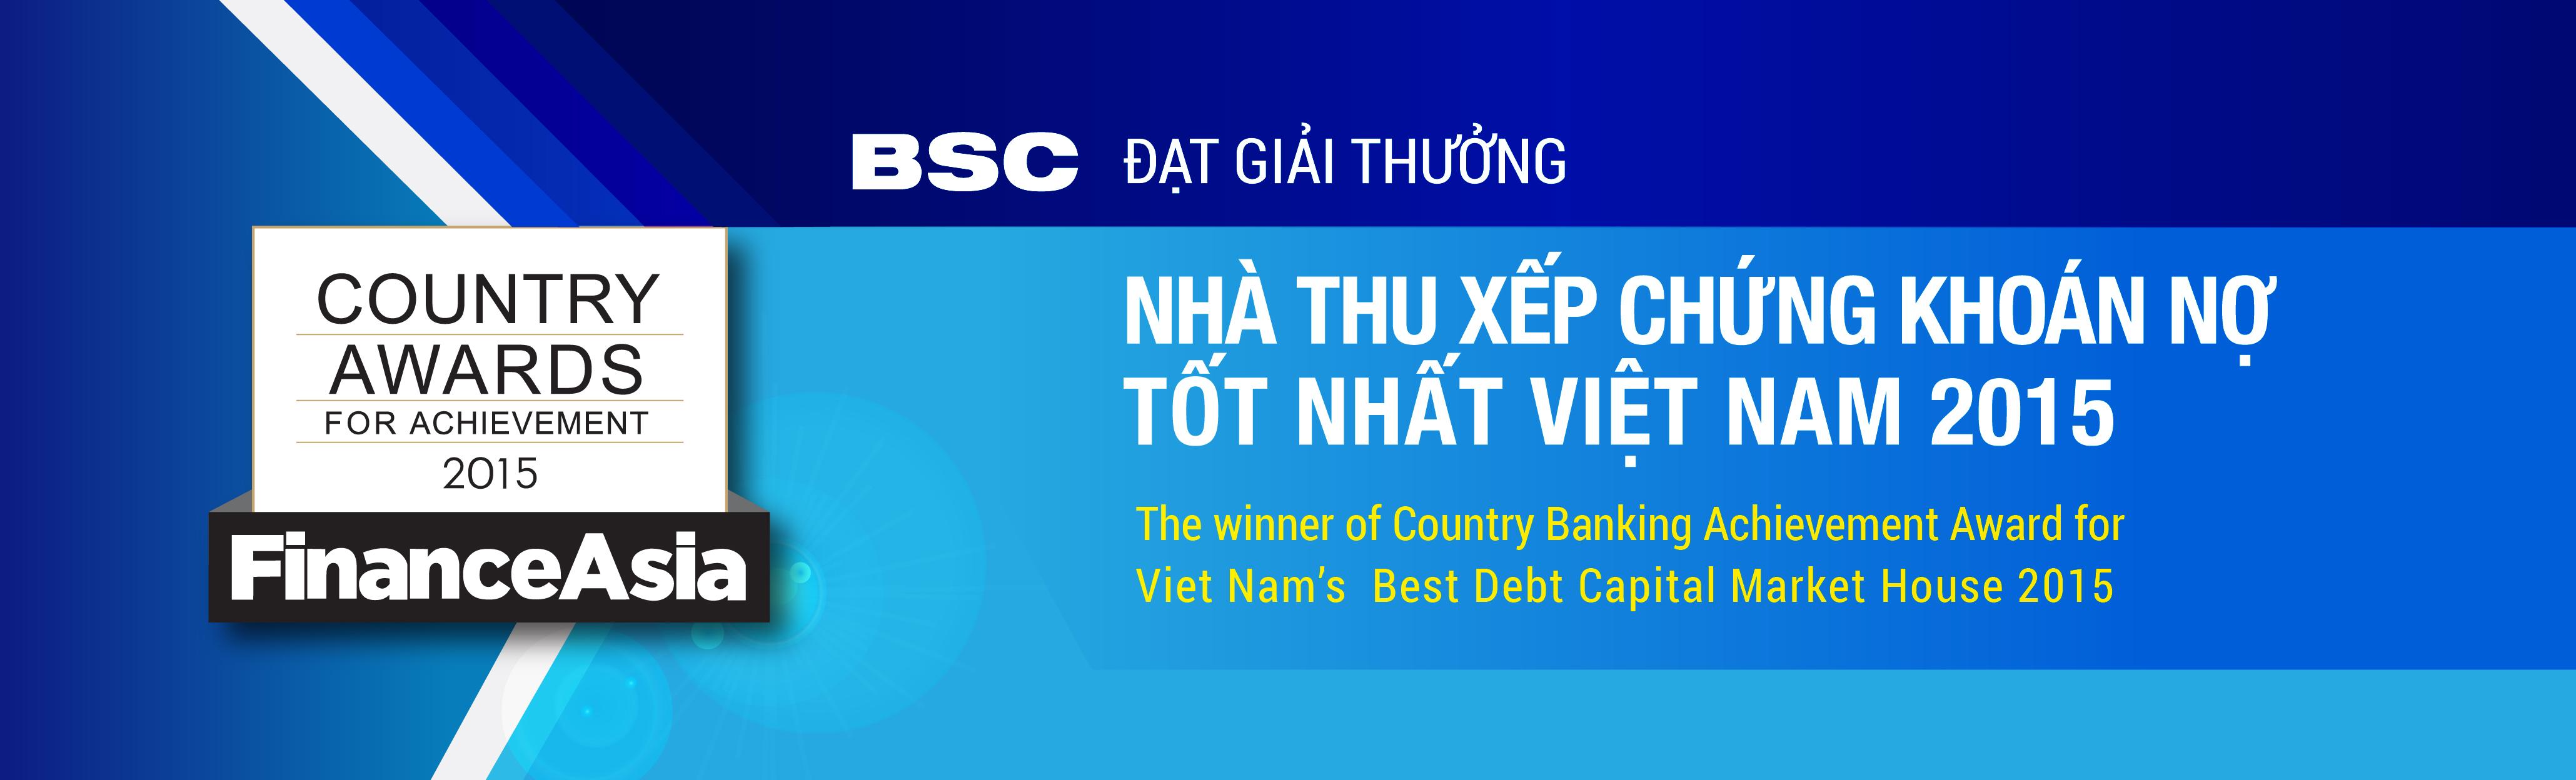 Công ty Cổ phần Chứng Khoán Ngân hàng Đầu tư và Phát triển Việt Nam